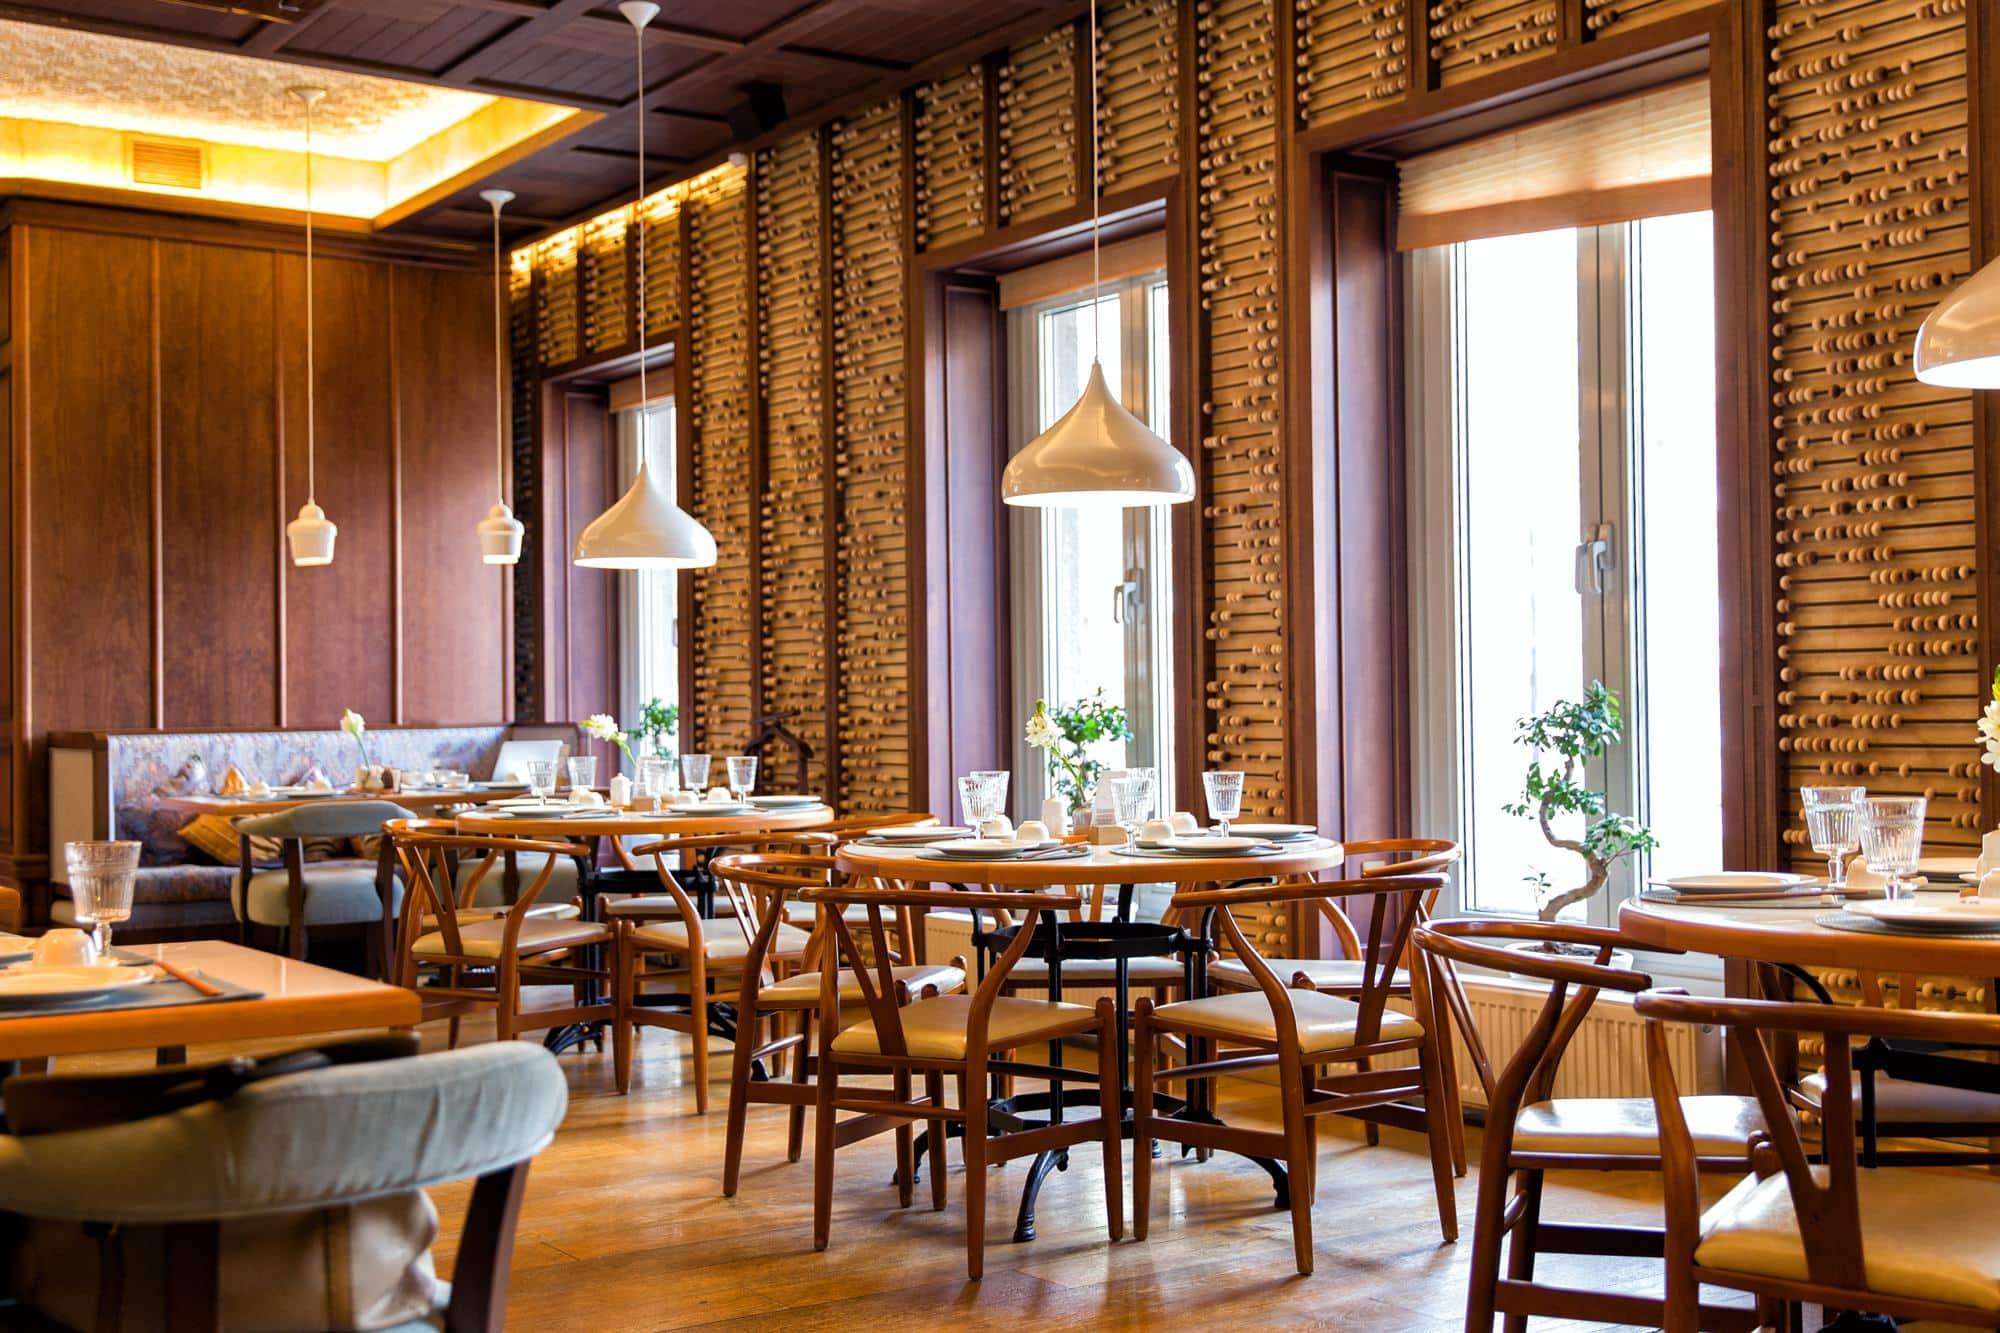 Danh sách nhà hàng Hà Nội uy tín